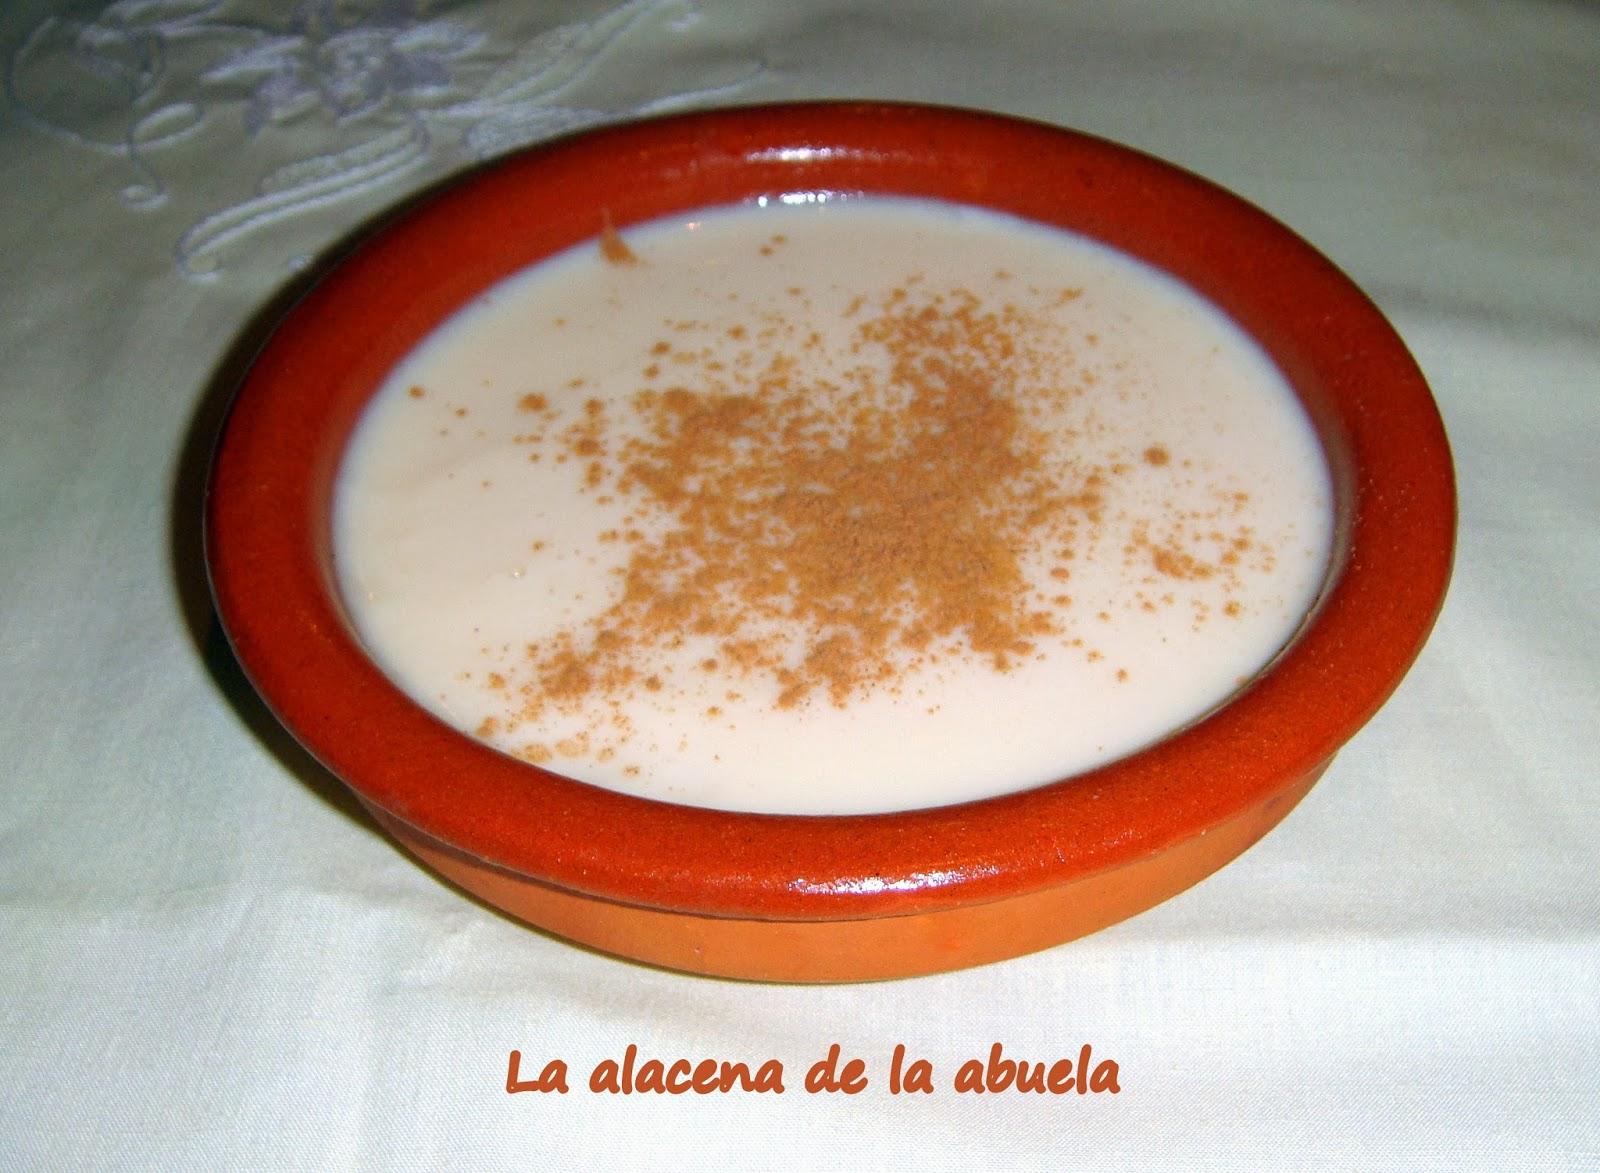 La alacena de la abuela carmen natillas de leche merengada - Cocina casera de la abuela ...